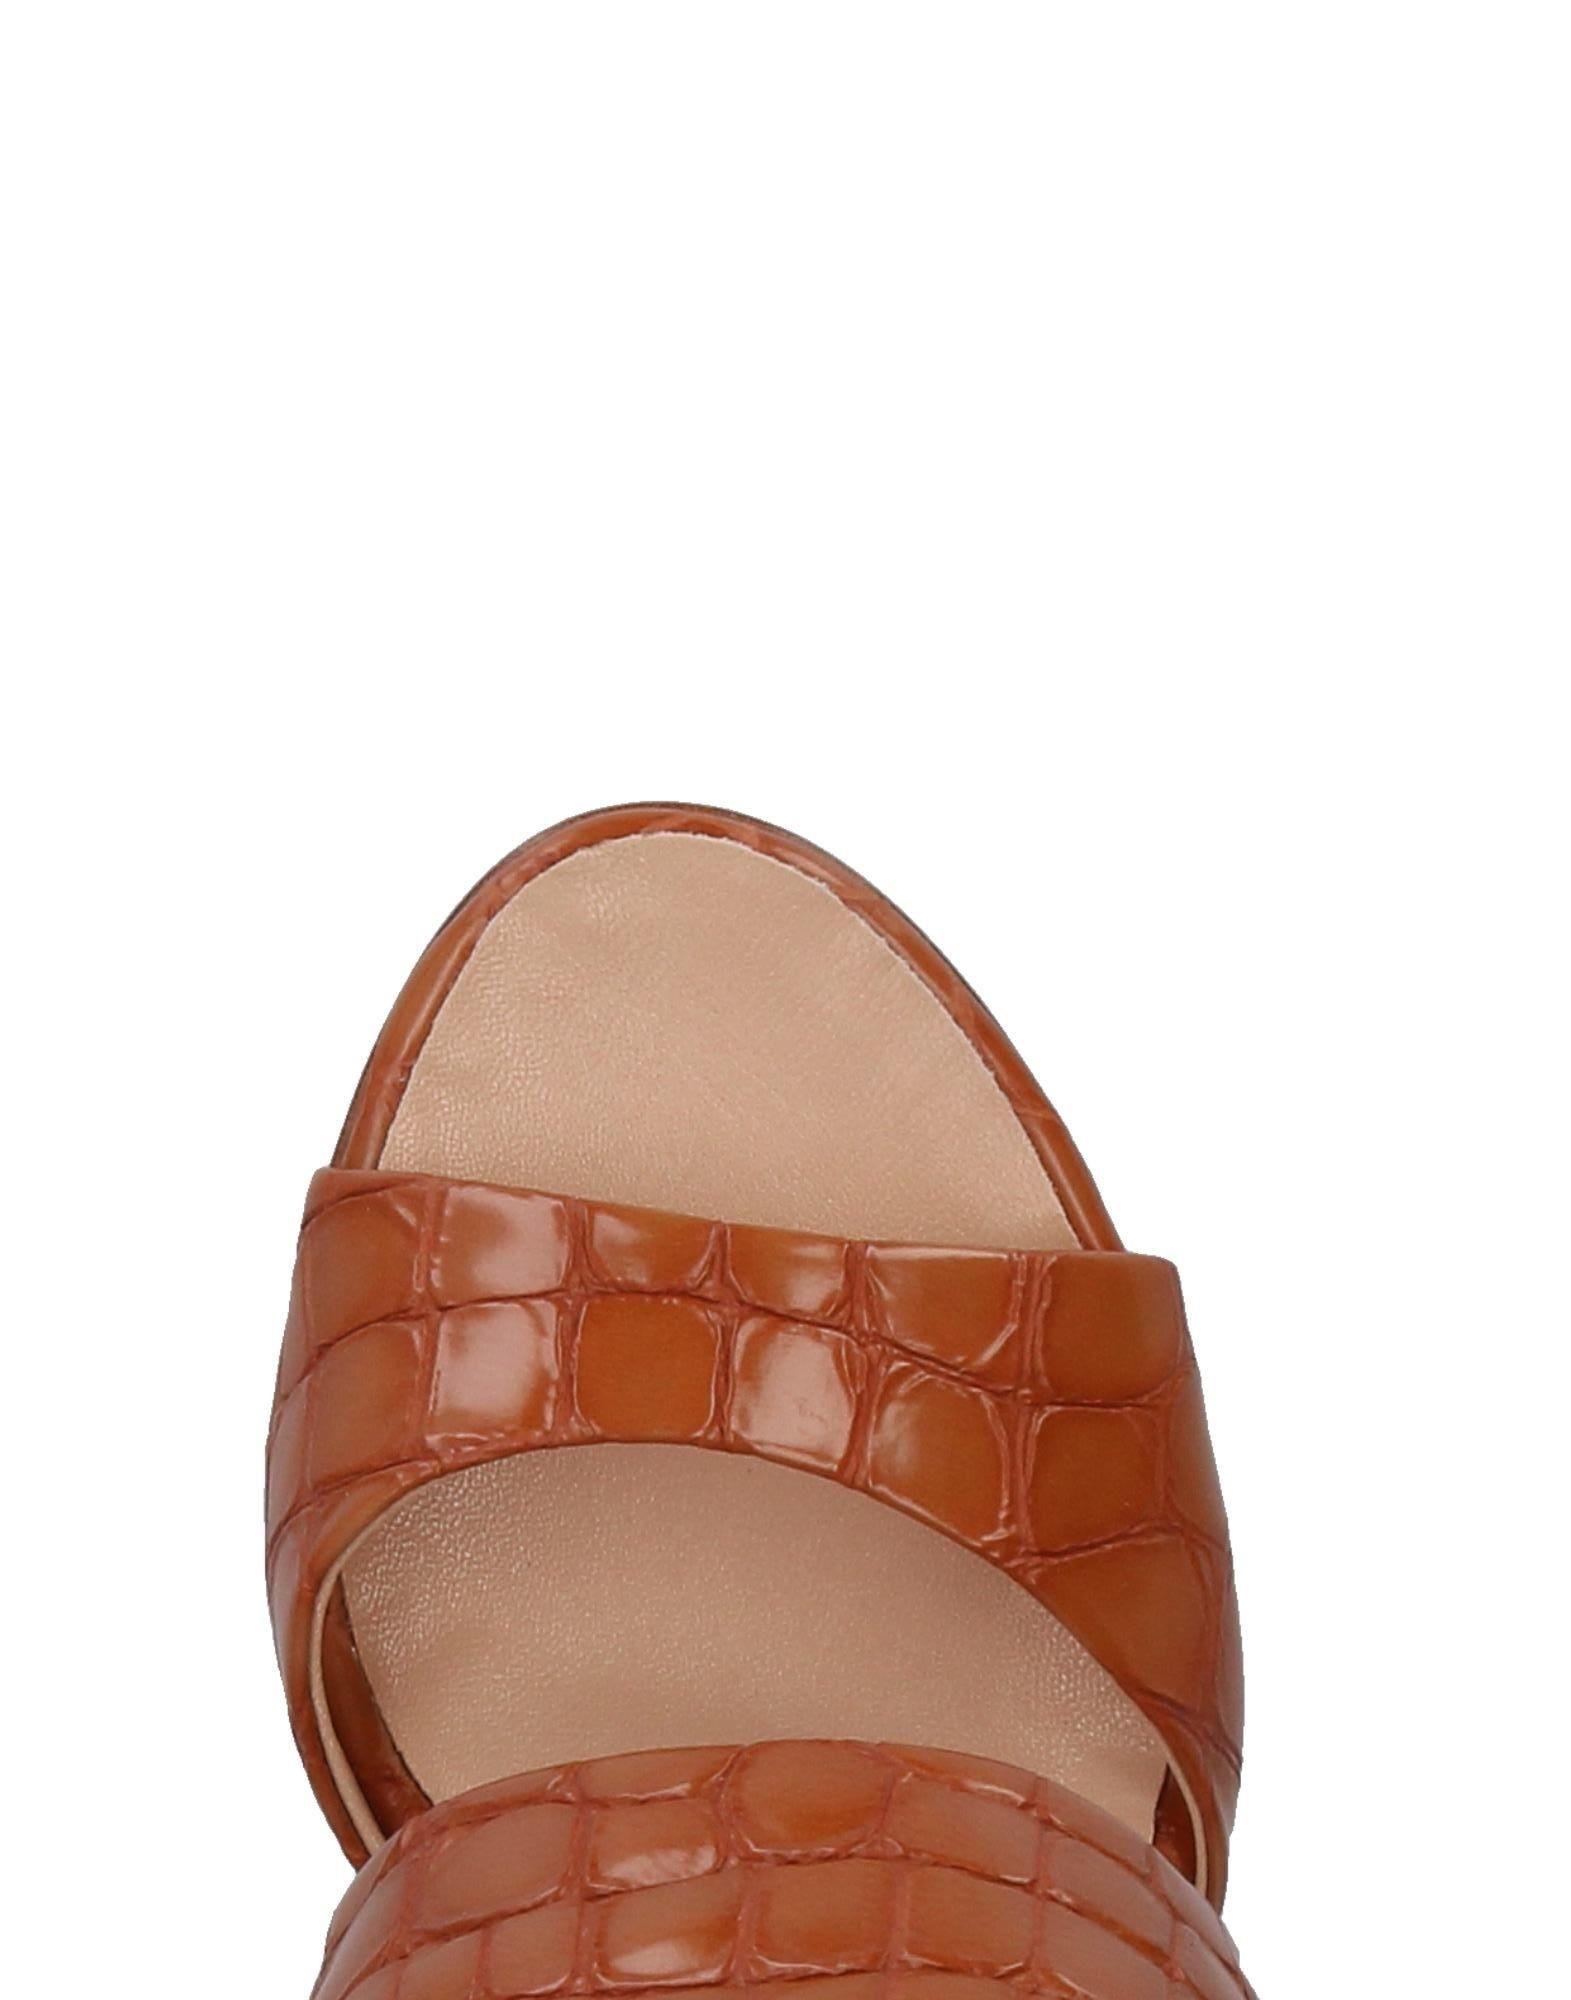 Fabi Sandalen Damen  11415904JL Gute Qualität beliebte Schuhe